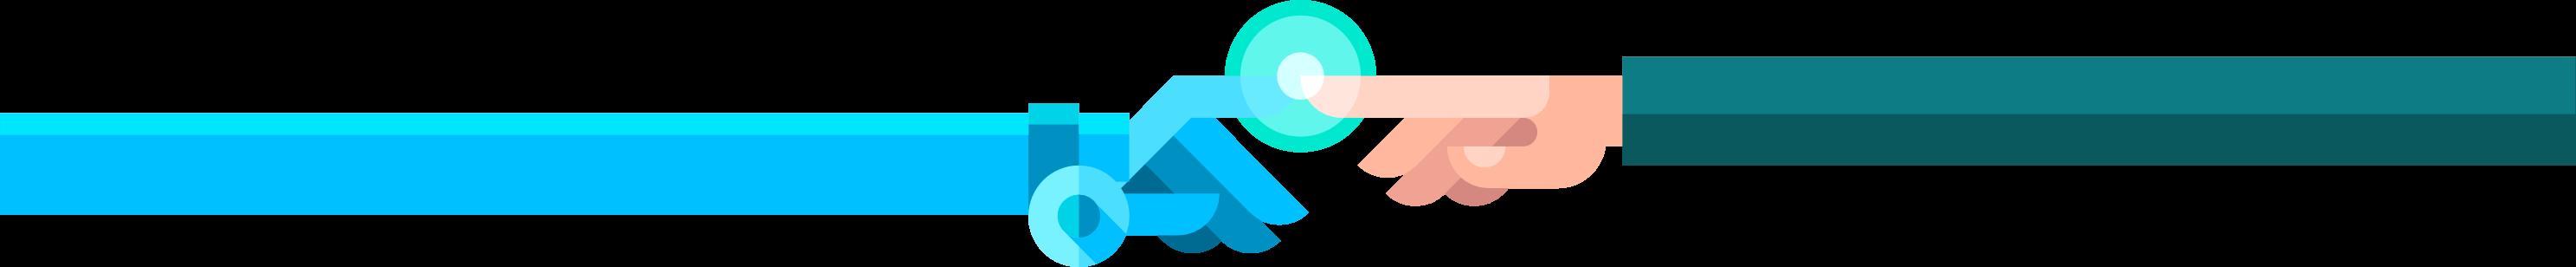 Imatge d'una mà de robot i d'una persona unint-se